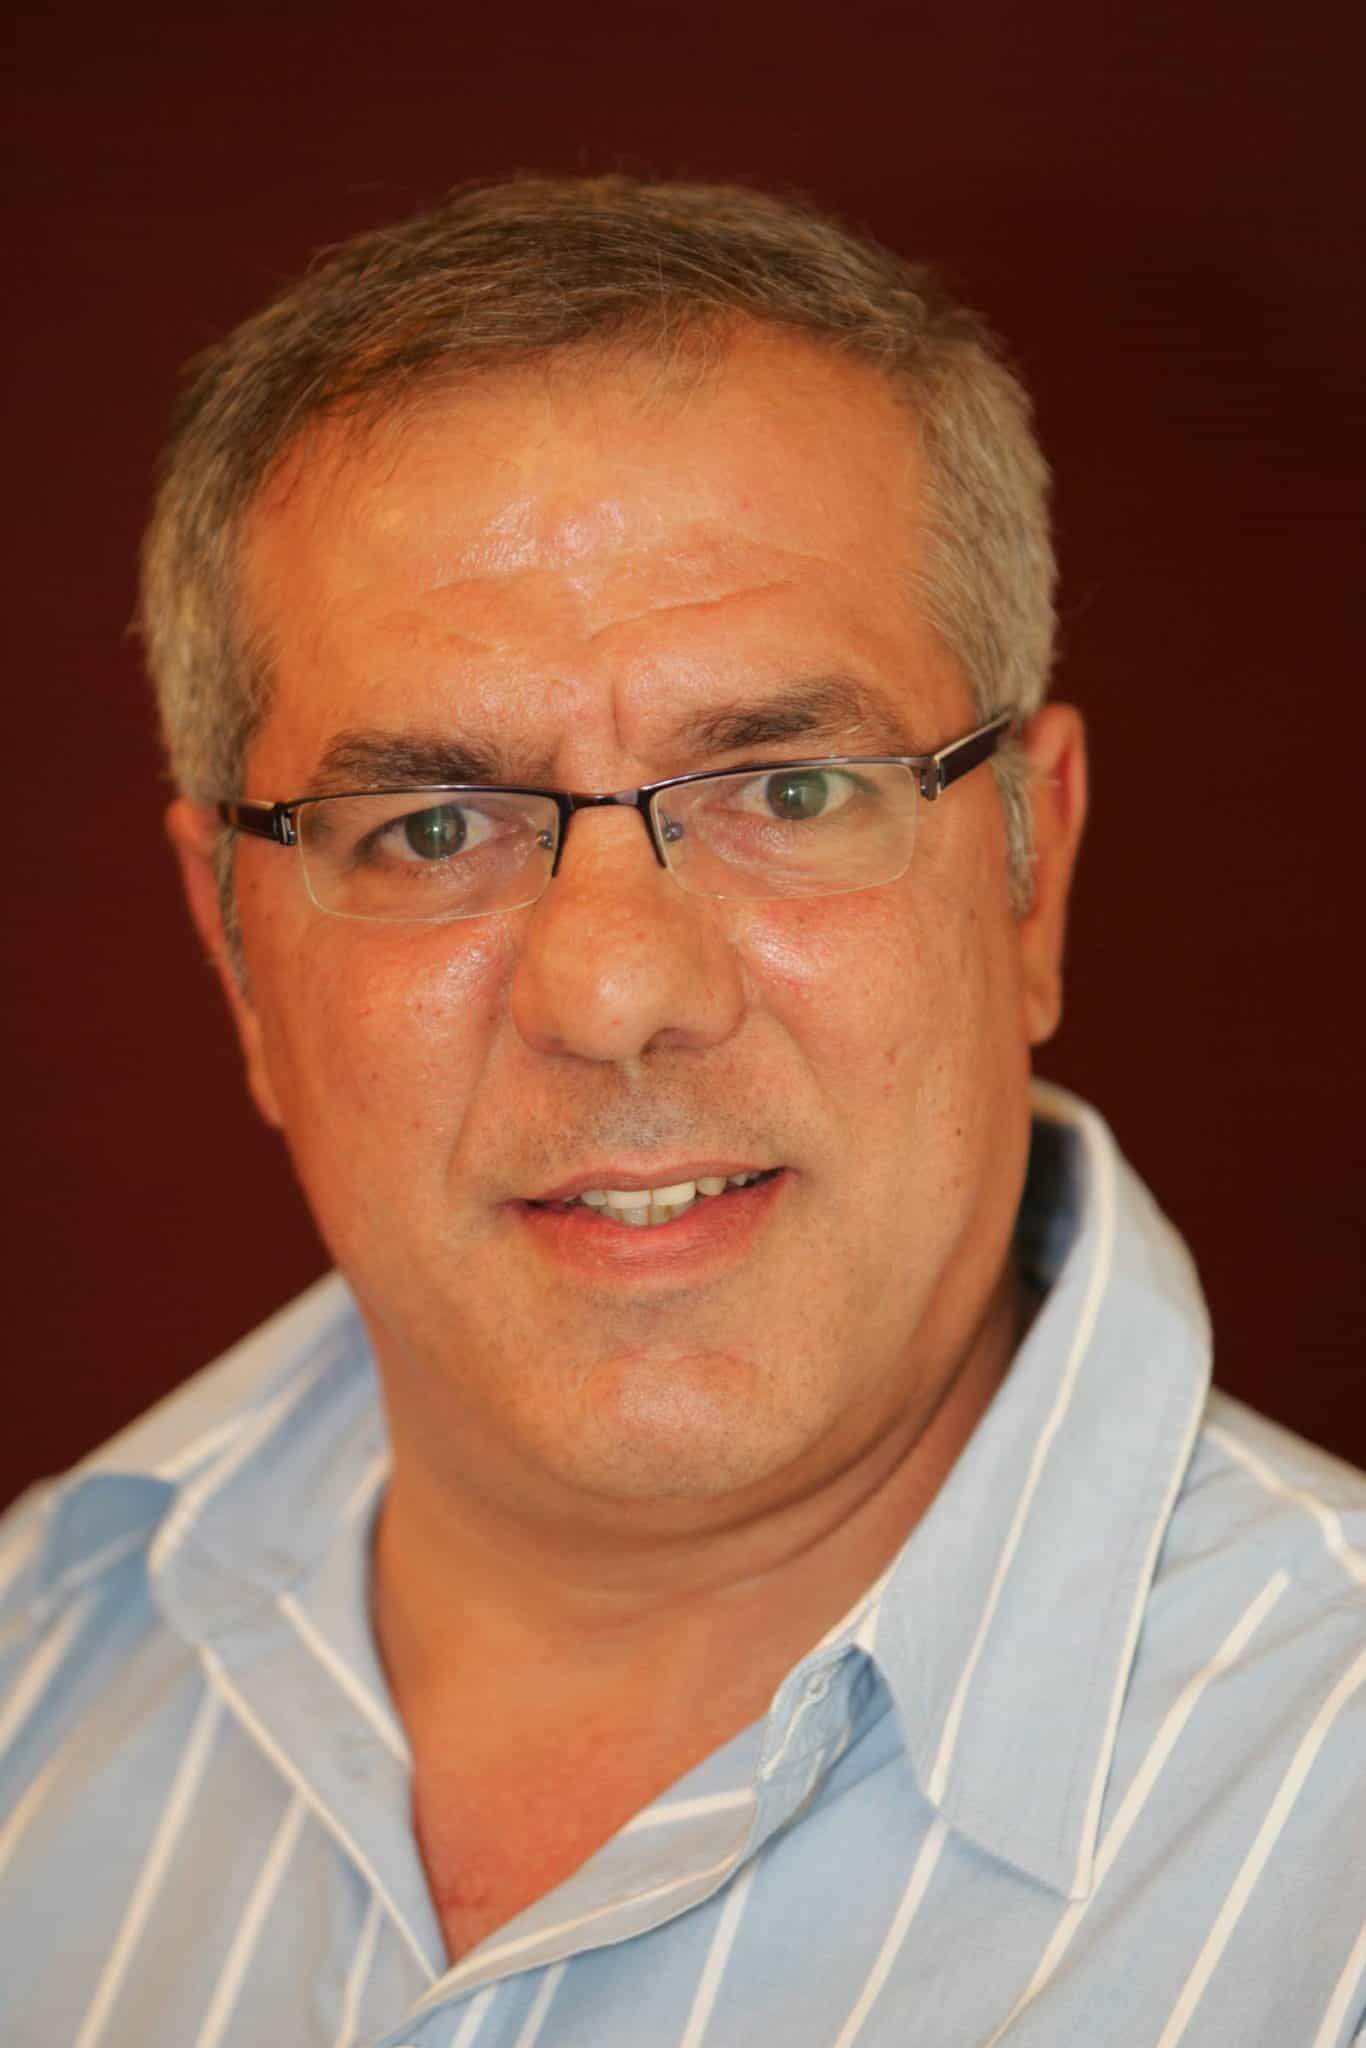 חיפה: זיכרונות מהאיצטדיון ההיסטורי בקרית אליעזר